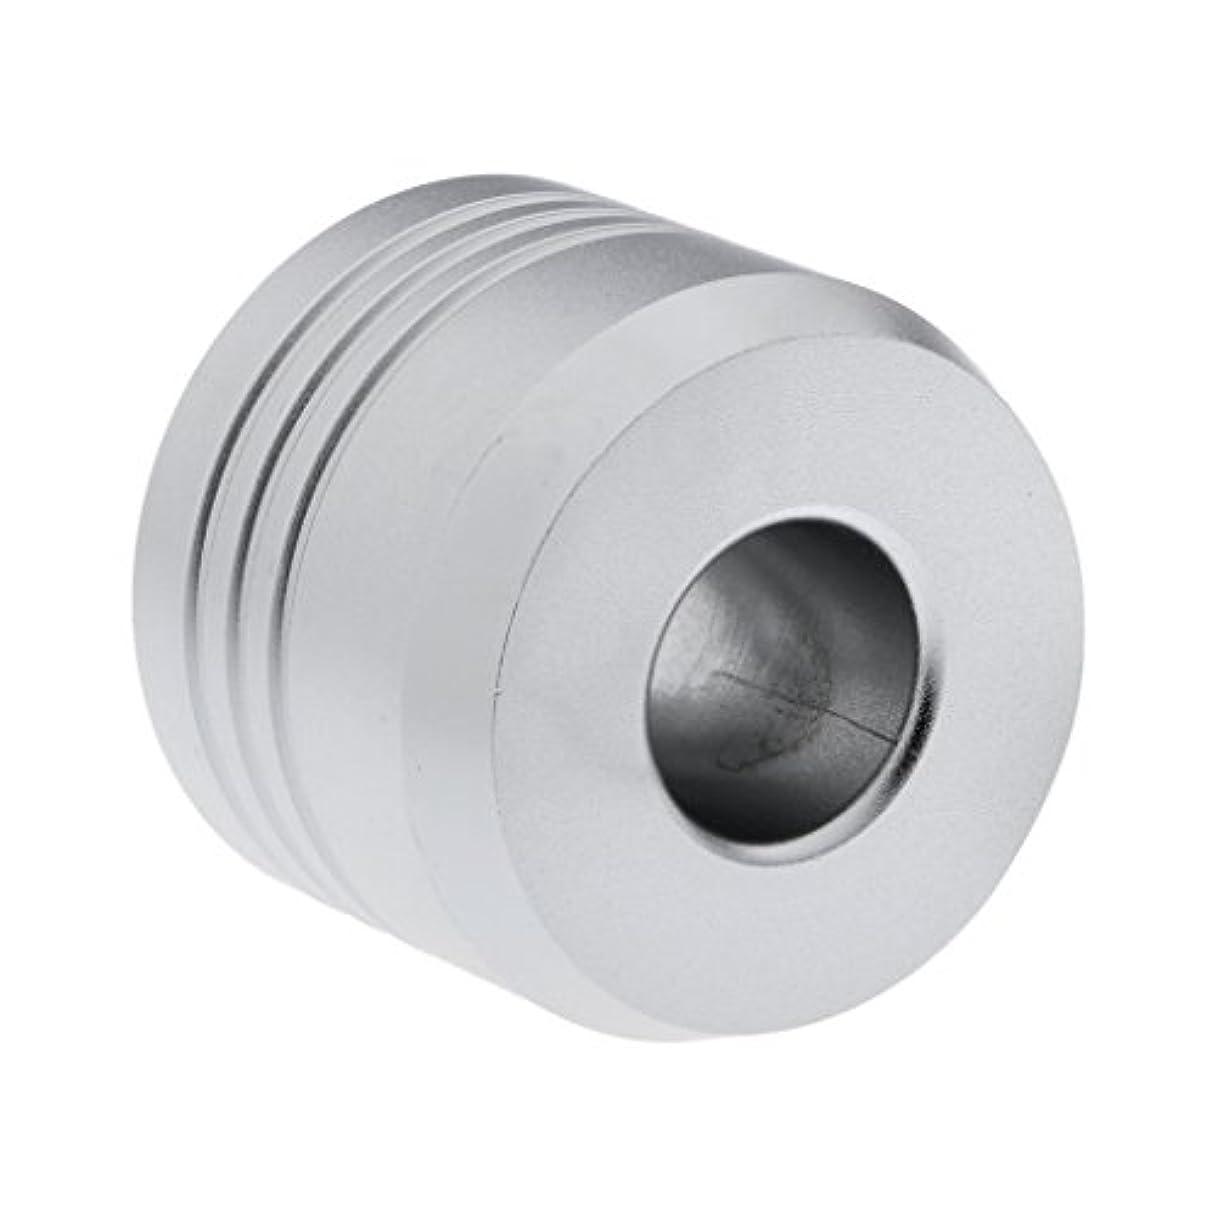 アンドリューハリディ検査官法律Homyl カミソリスタンド スタンド シェービング カミソリホルダー ベース サポート 調節可 ミニサイズ デザイン 場所を節約 2色選べ   - 銀